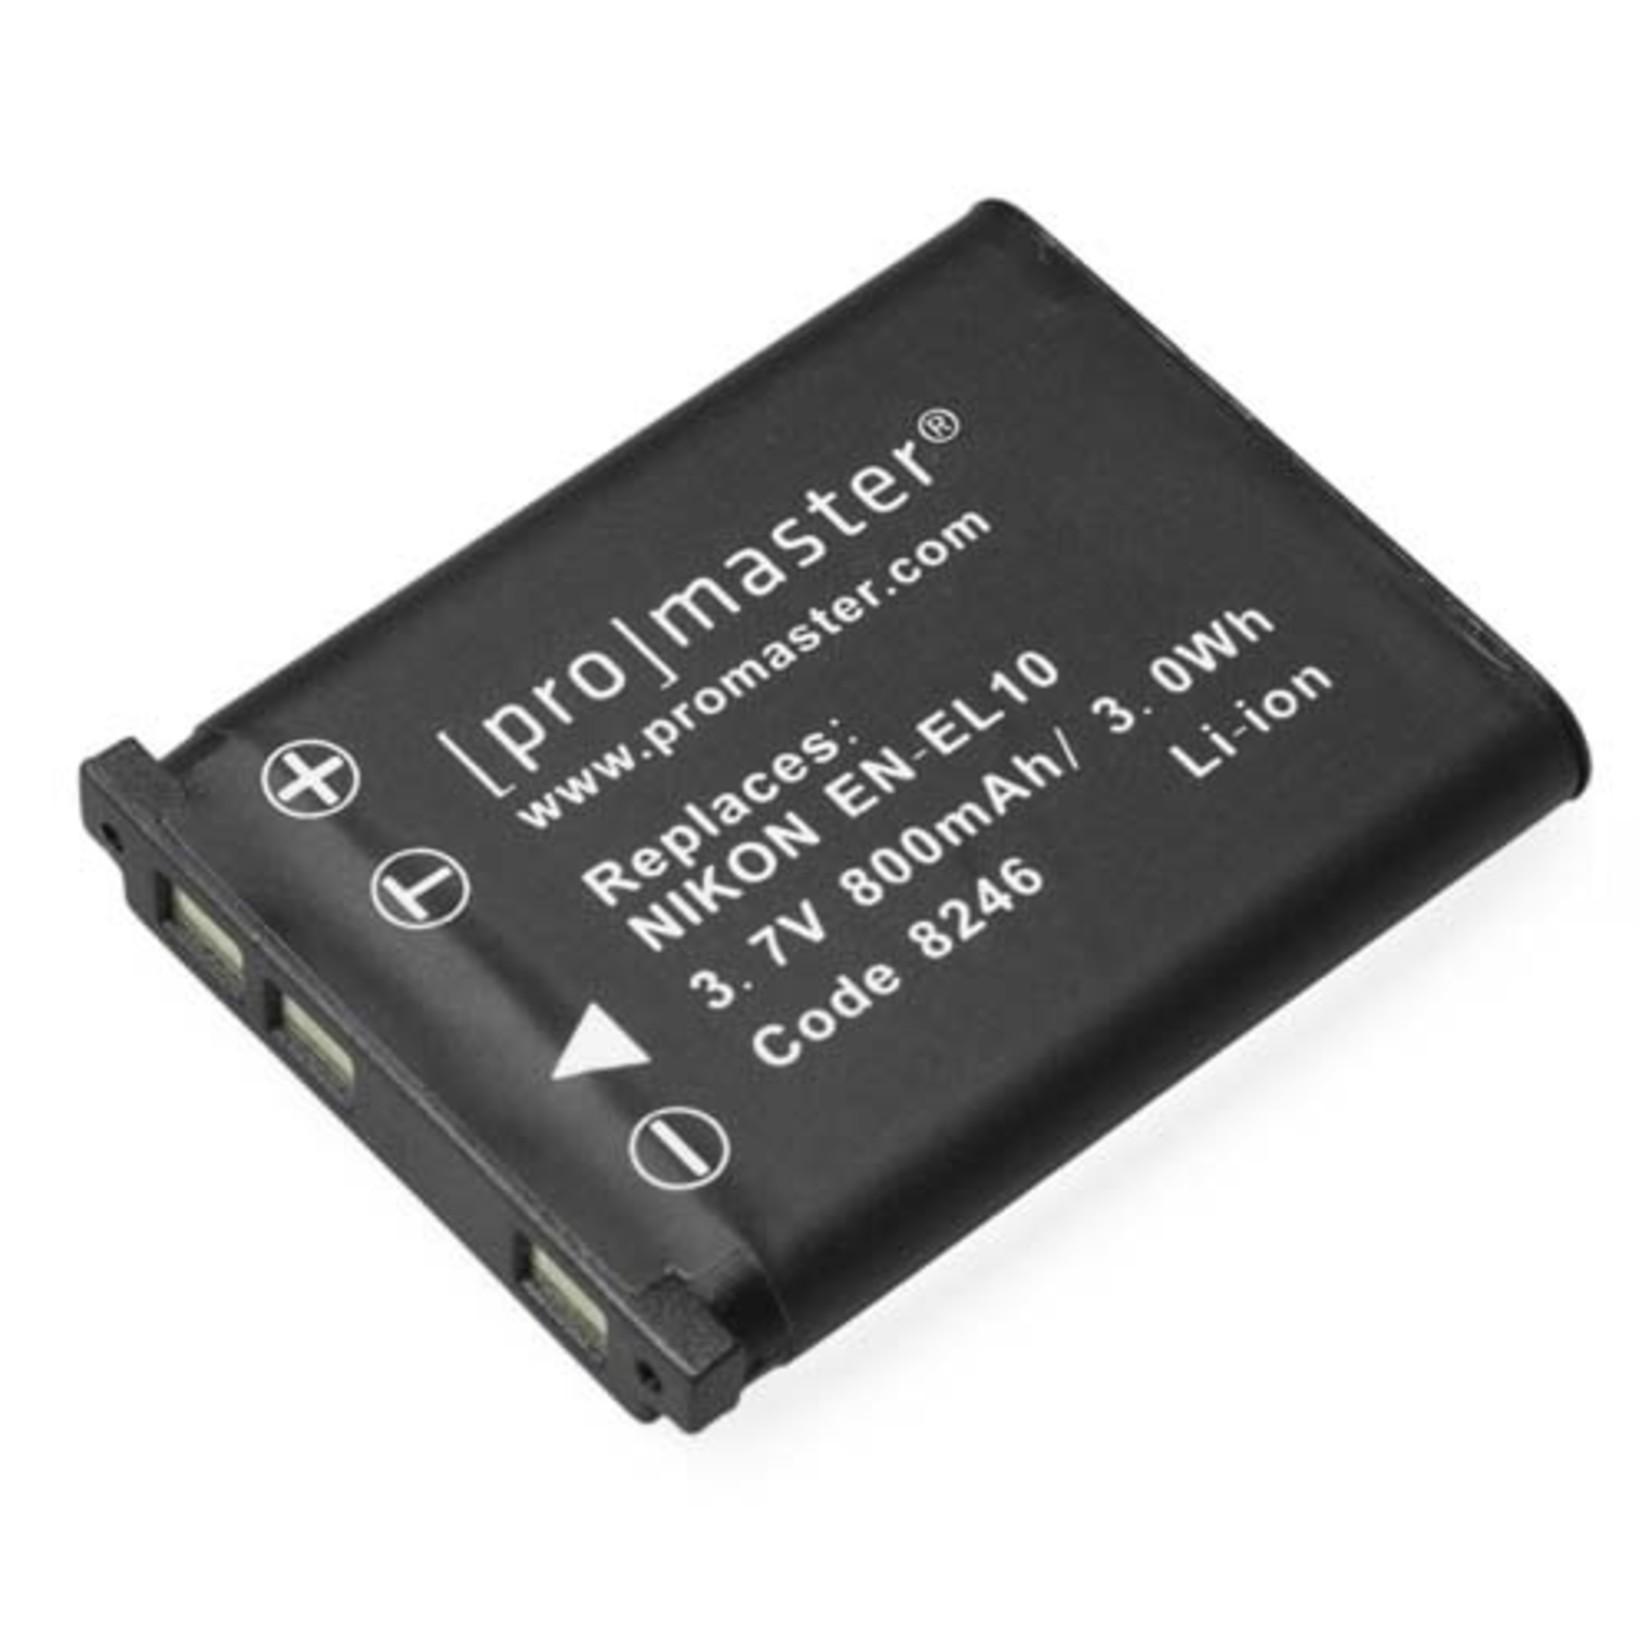 ProMaster Li-ion Battery for Nikon EN-EL10